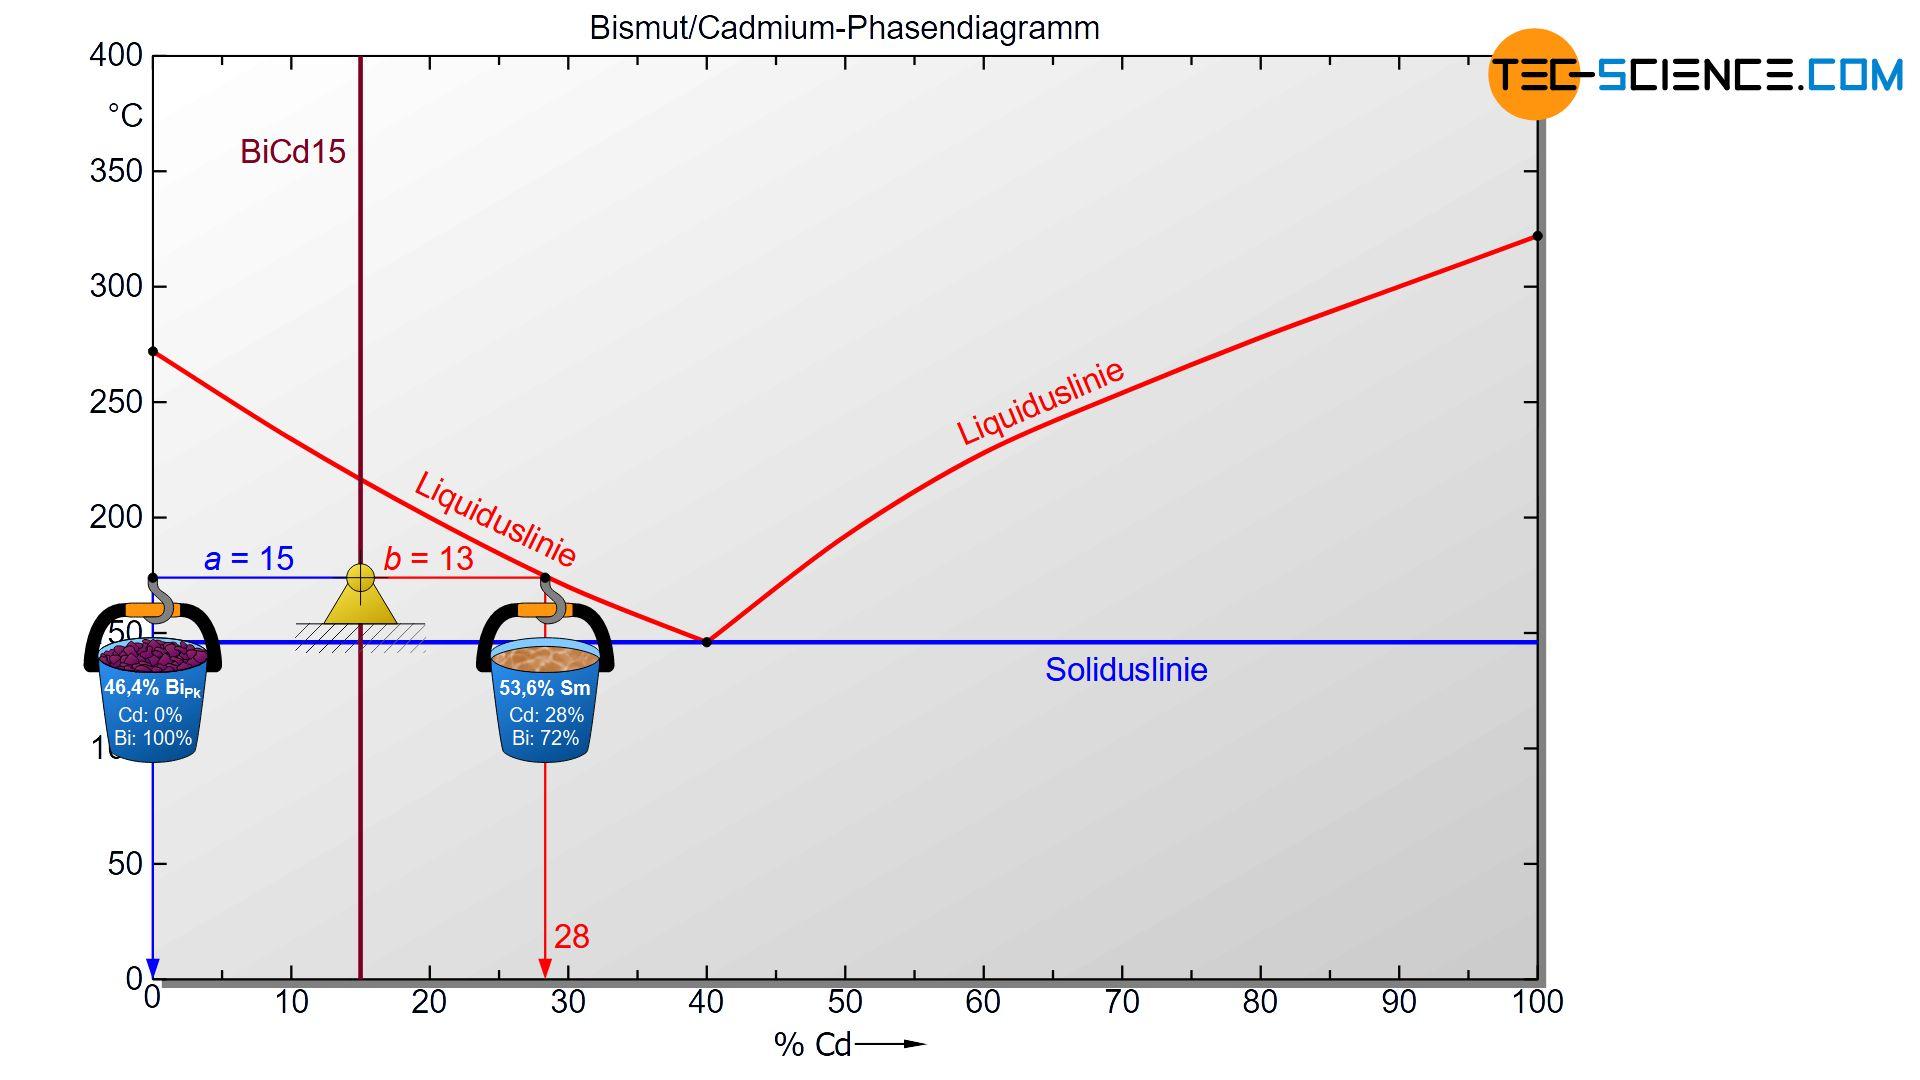 Bestimmung der Phasenanteile im Zweiphasengebiet